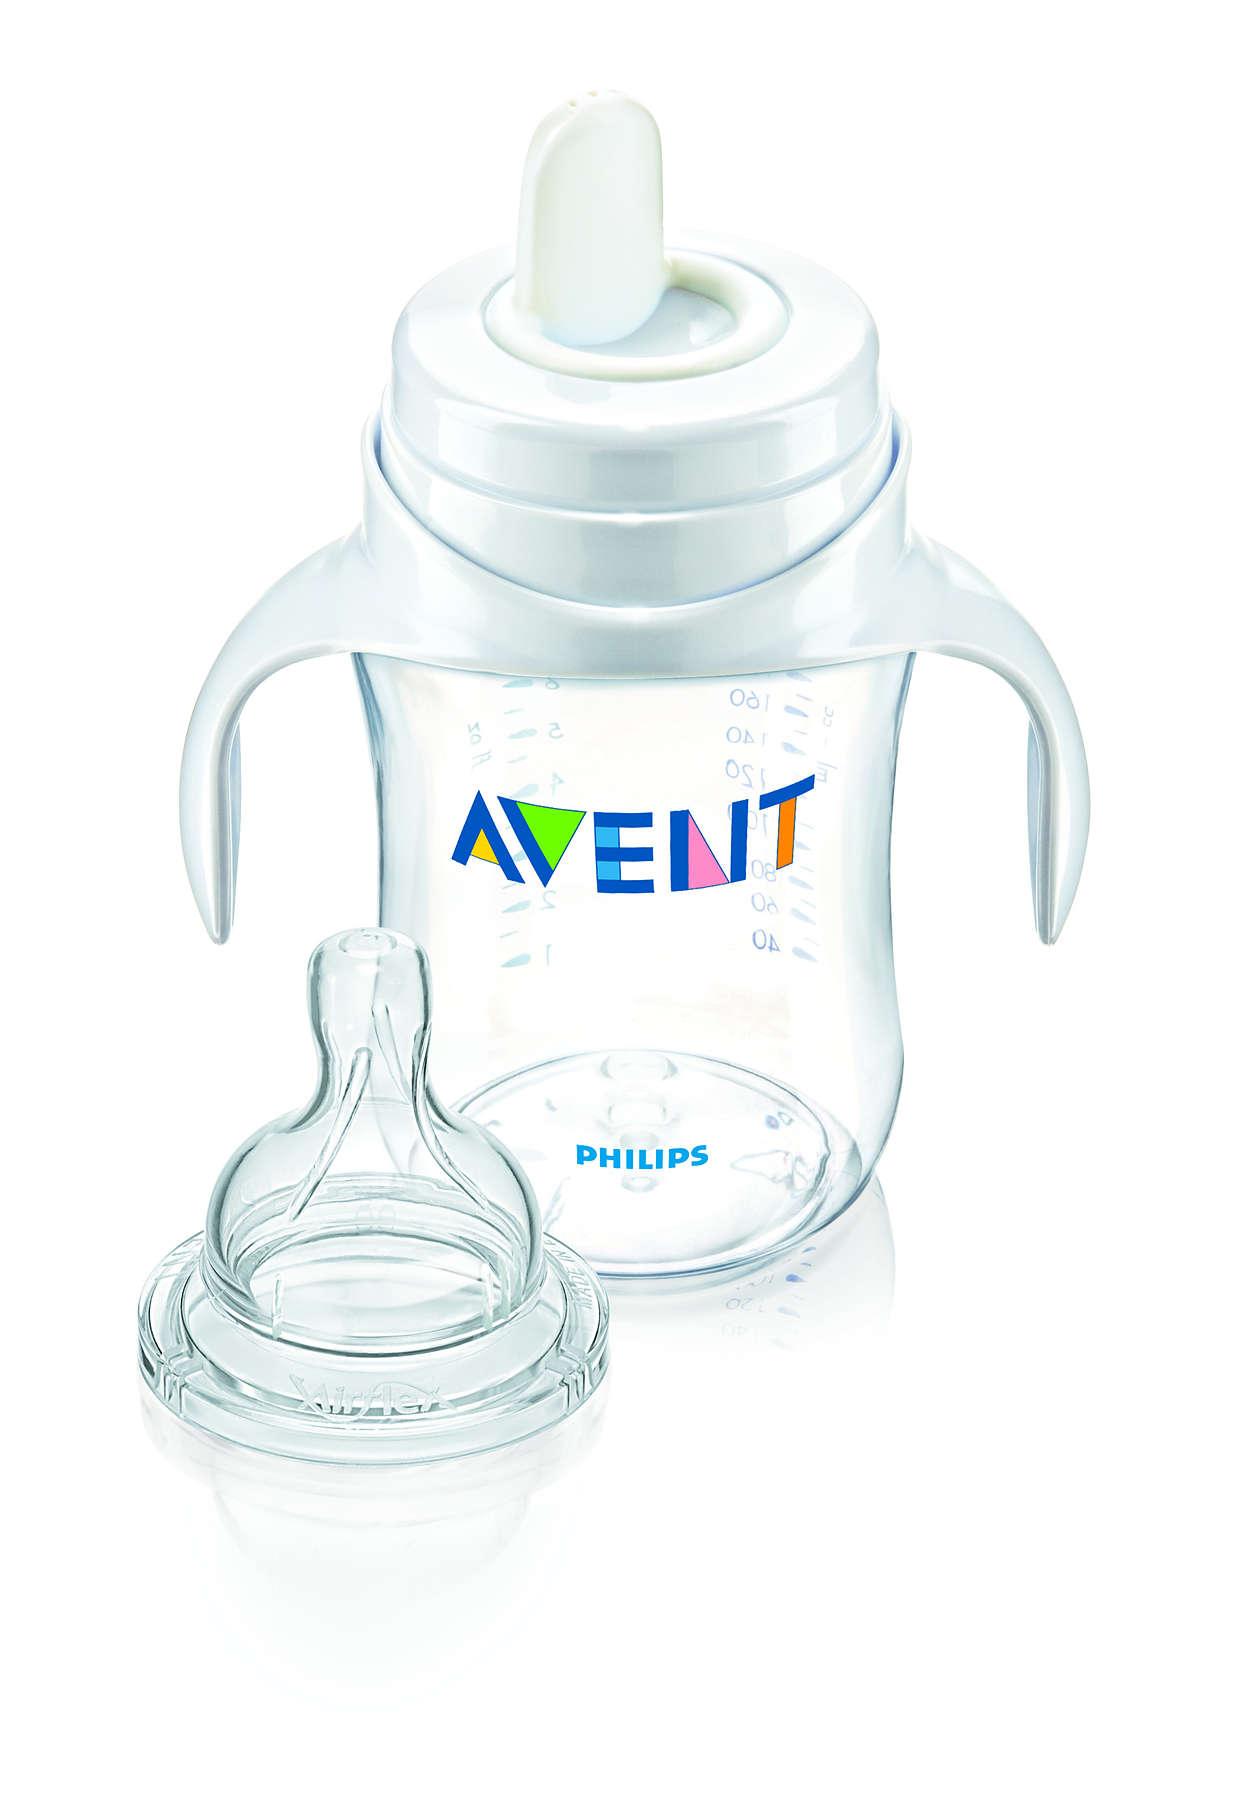 Spädbarnets första steg för att använda en mugg